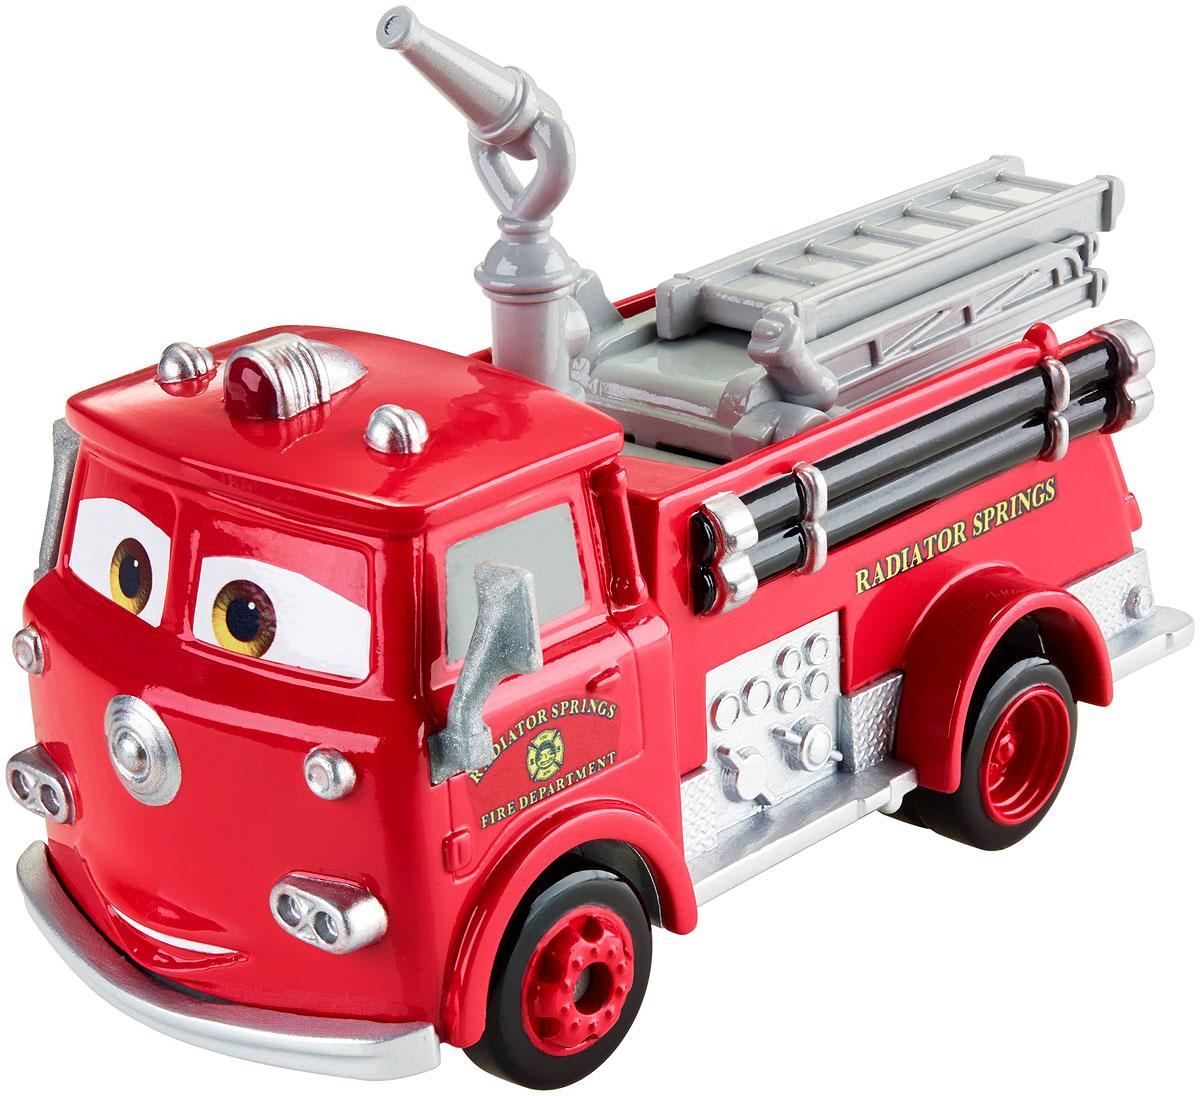 Cars Машинка РэдDVD28_DKV37Еще больше веселья с крупноразмерными моделями машин из Тачек. У каждой модели имеются двигающиеся детали, отражающие характер персонажа! С этой коллекцией фанаты всех возрастов смогут воссоздать приключения любимых персонажей! Тачки - мультфильм, в котором рассказывается о гоночном автомобиле Молнии МакКуин, он был лидером в своей среде, но по воле случая попал в невероятную историю благодаря которой узнал, что такое настоящая дружба и совместное стремление к цели. Одним из персонажей, который находился рядом с МакКуином, был Рэд. Он всегда спешит на помощь к нуждающимся, имеет раскладную лестницу и двигающийся брандспойт. Вы сможете реализовать игру, в которой Рэд спешит потушить пожар или же просто едет поливать цветы. Благодаря выразительному образу и высокой детализации персонаж выглядит так, будто только что сошел с экрана.